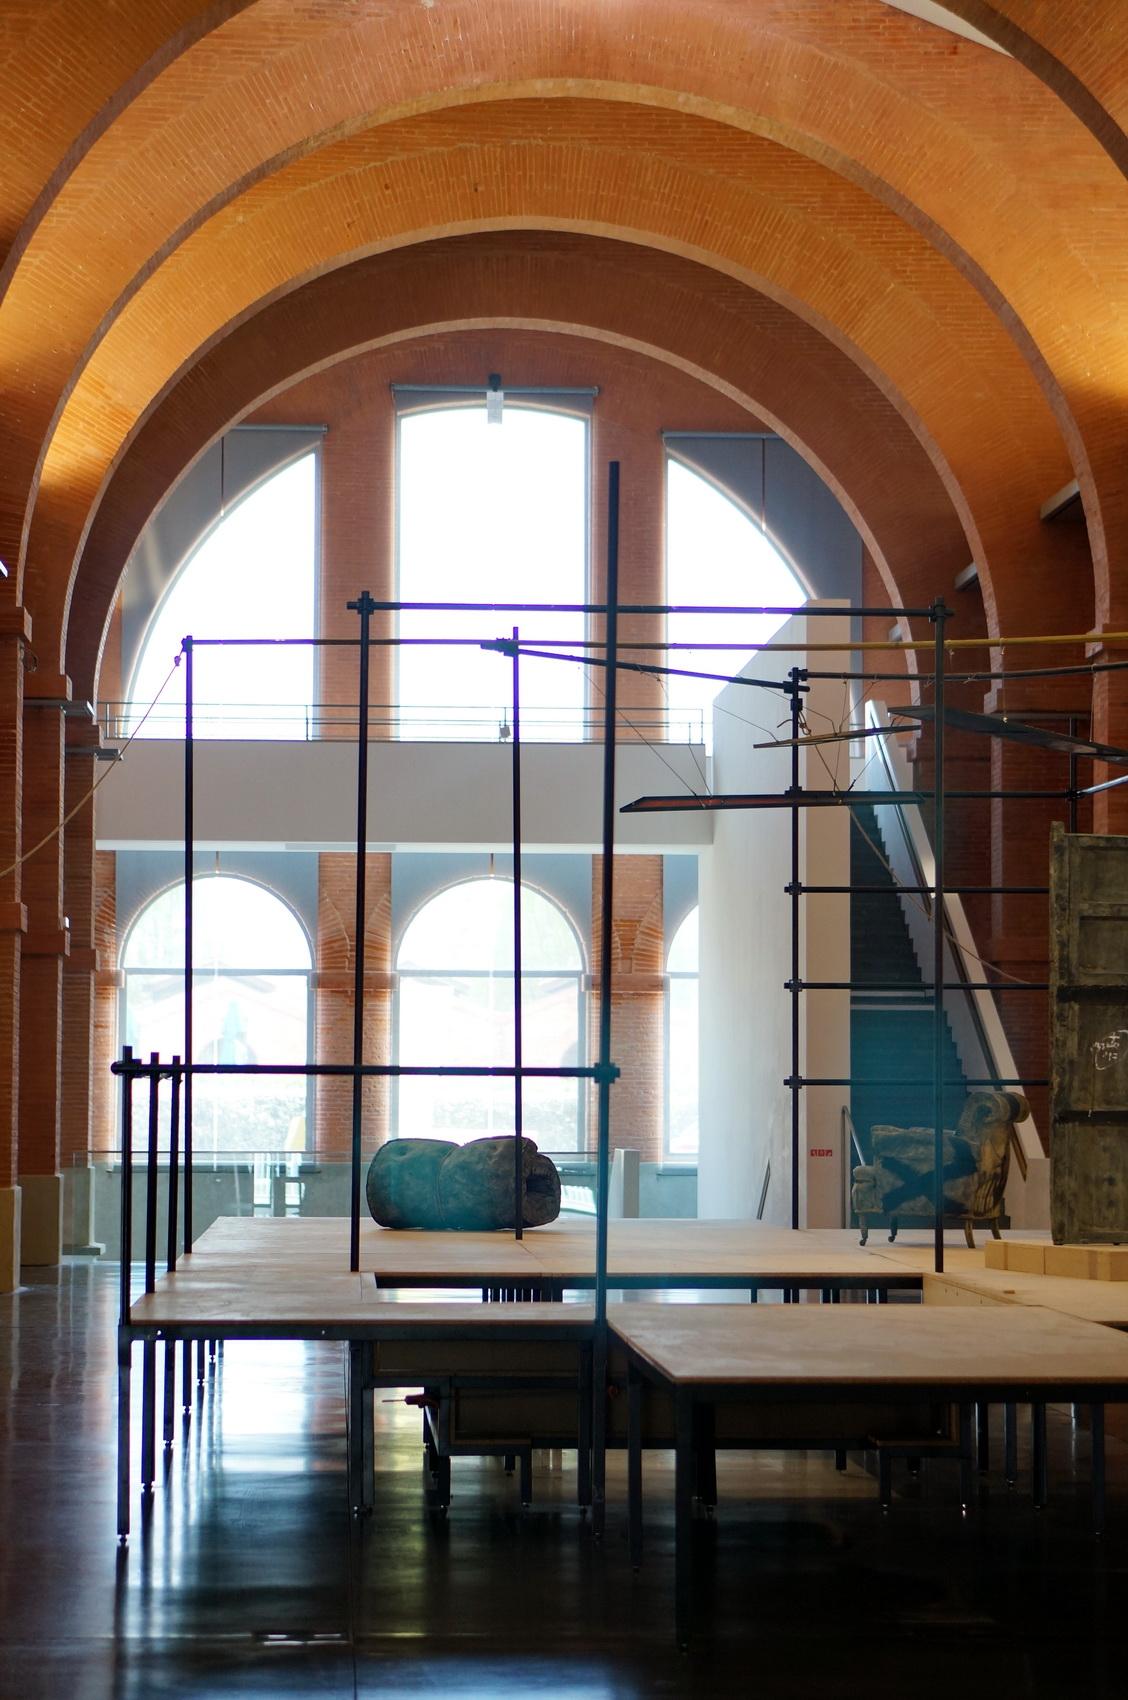 toulouse, tolosa, musée d'art moderne et contemporain toulouse, les abattoirs toulouse, musée des abattoirs toulouse, architecture toulouse